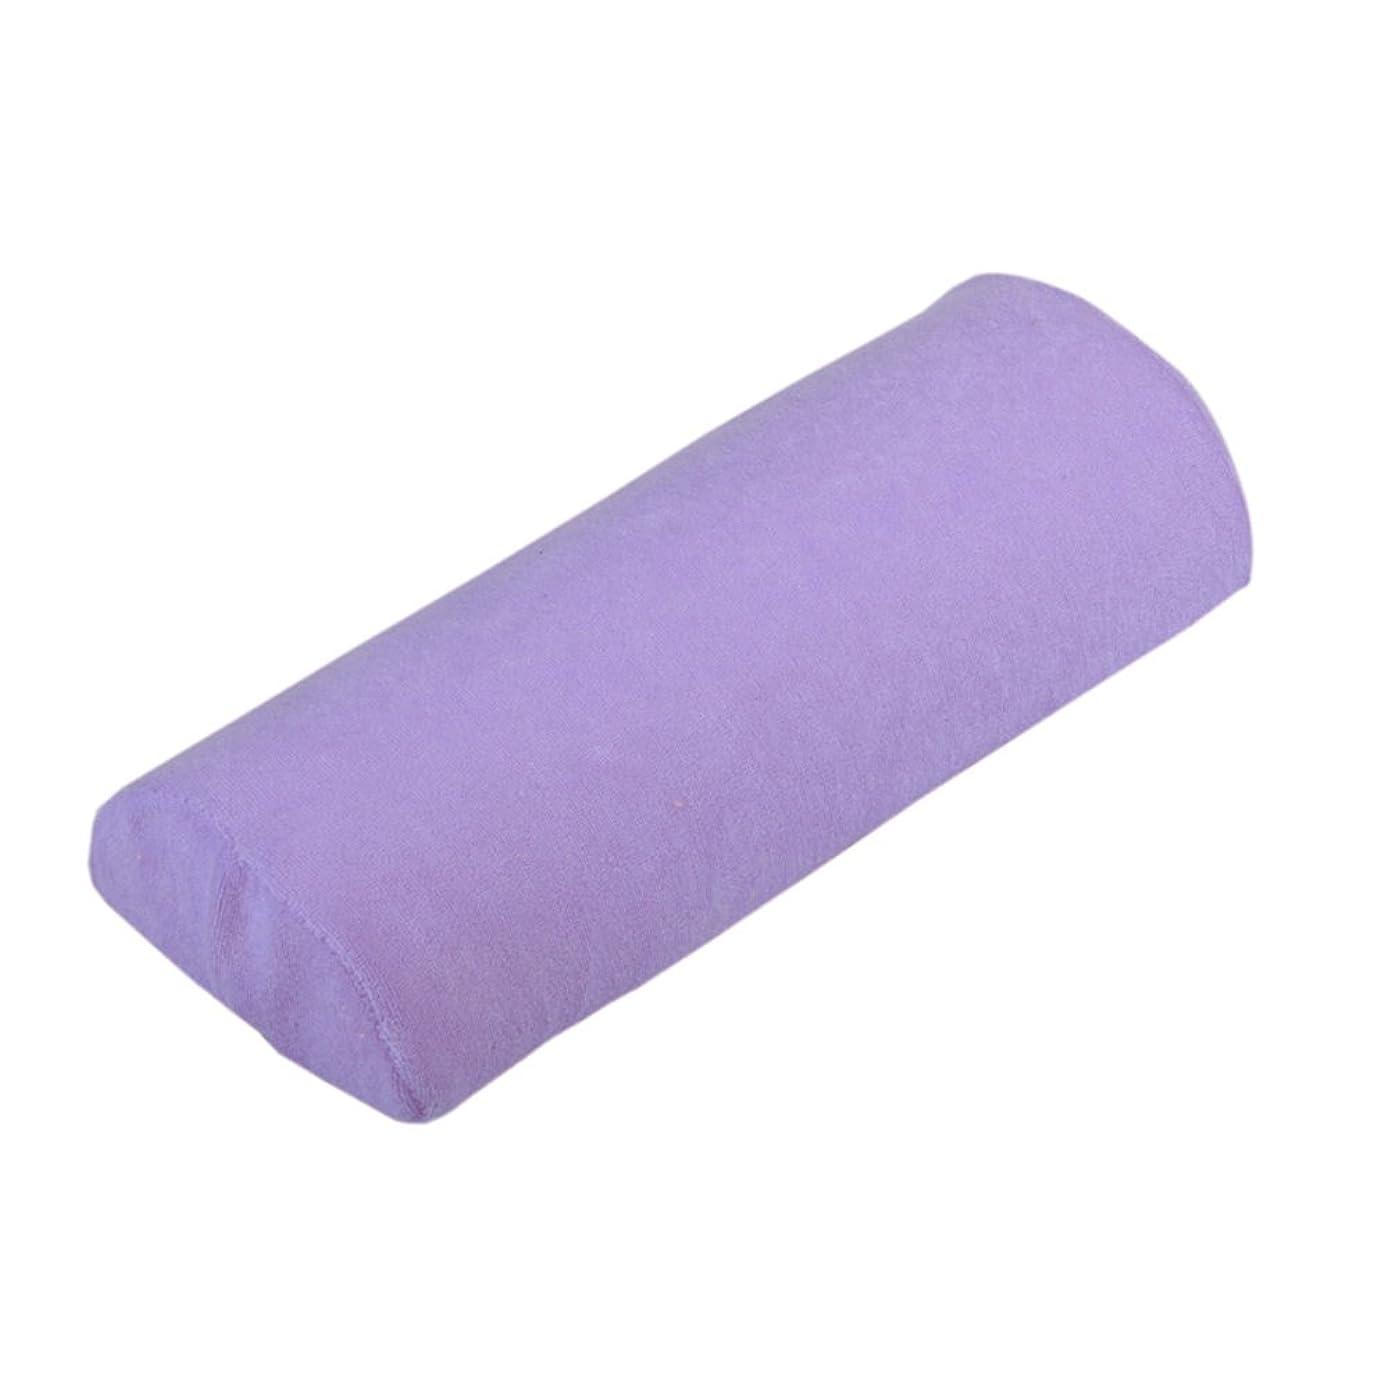 不名誉な滞在謎Yuelian(TM) 手の枕 ネイルアートネイル用 ハンドピロー ジェルネイルまくら ネイル枕 (5 ライトパープル)